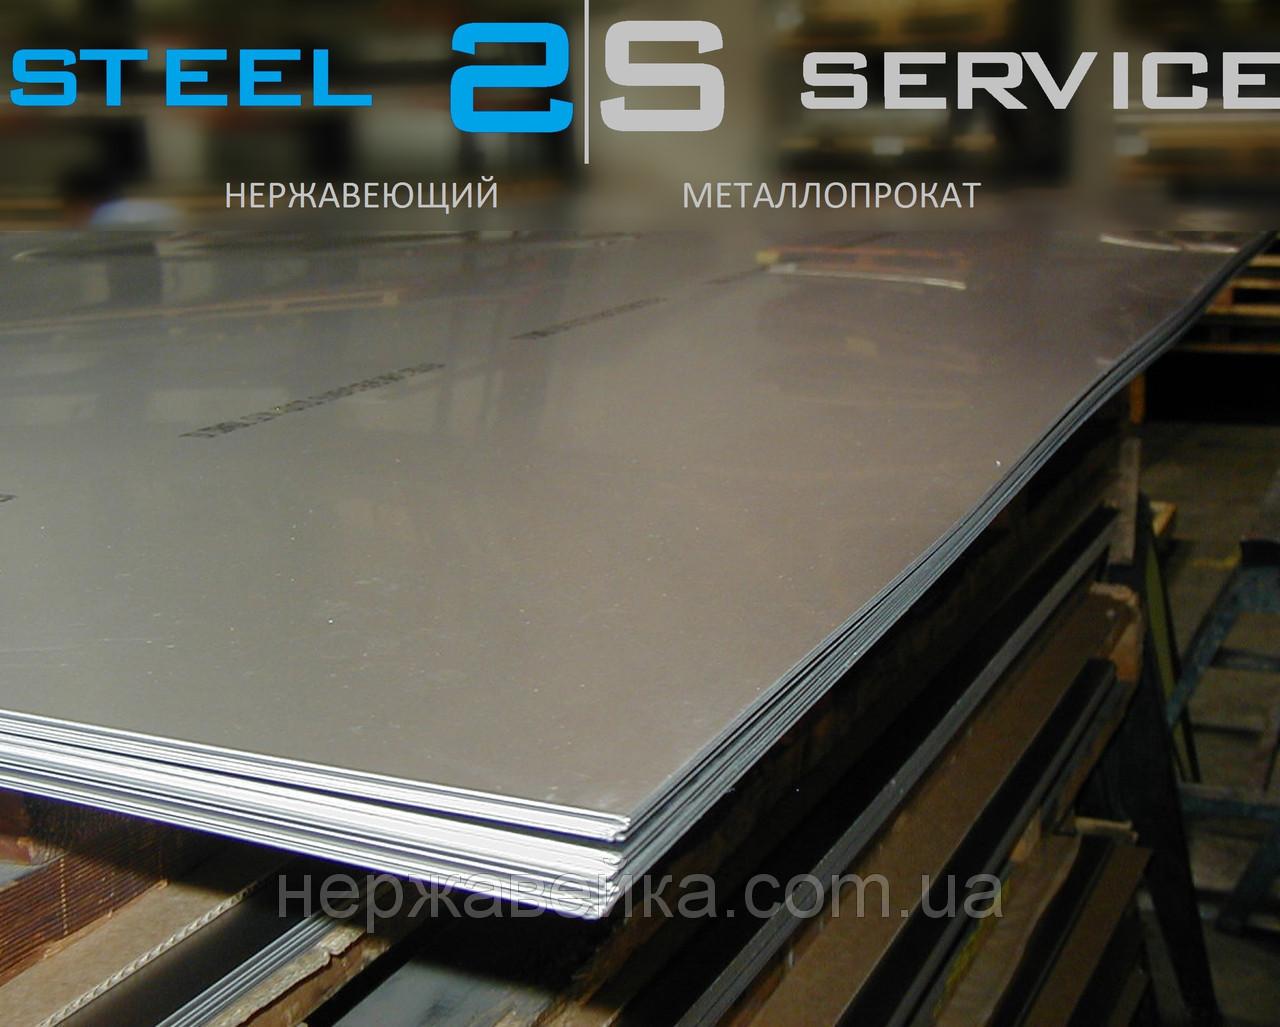 Нержавеющий лист 16х1500х3000мм  AISI 309(20Х23Н13, 20Х20Н14С2) F1 - горячекатанный,  жаропрочный